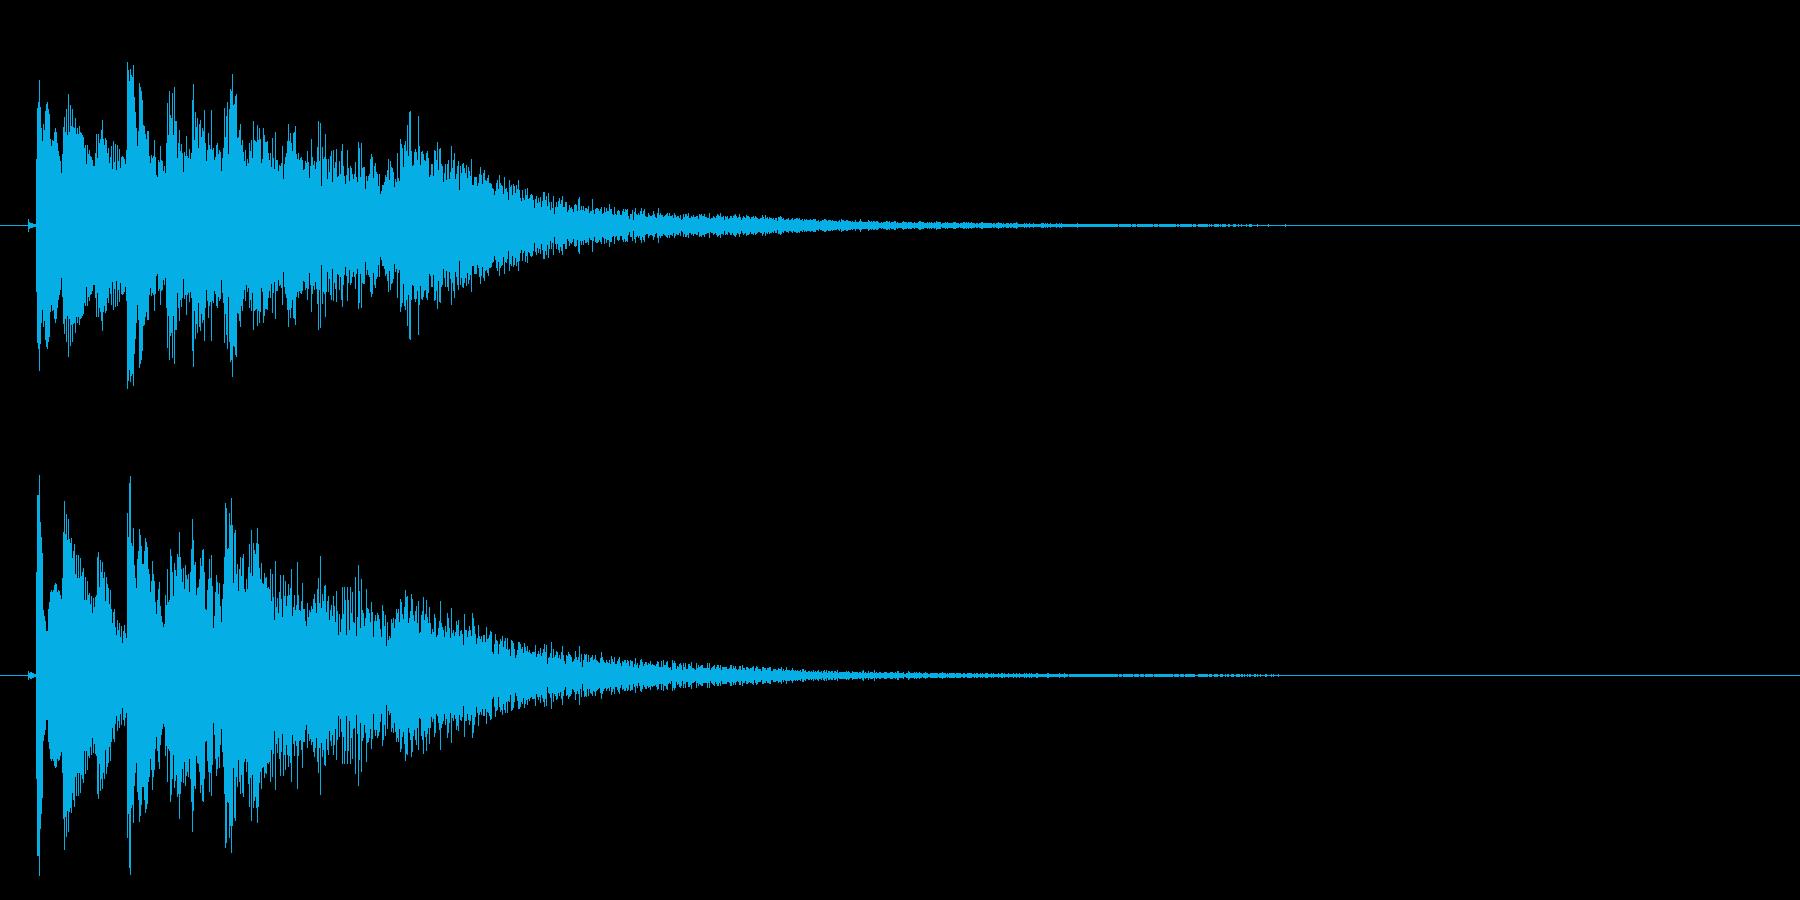 琴のフレーズ1☆調律1の再生済みの波形